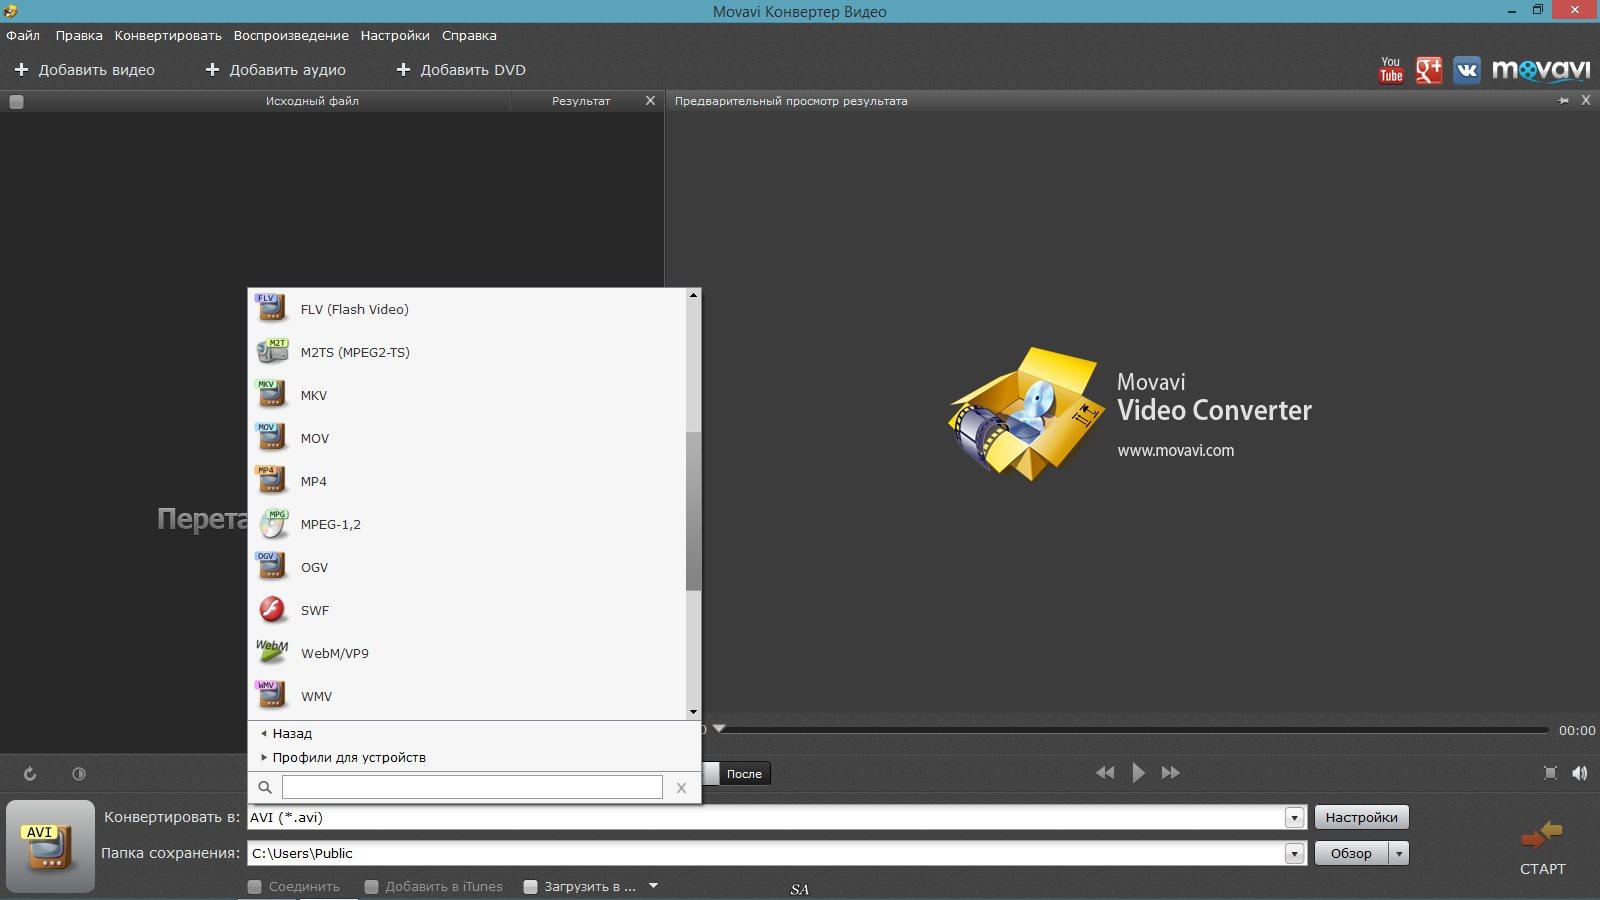 MOVAVI VIDEO CONVERTER 14.0.1 РУС КЛЮЧ СКАЧАТЬ БЕСПЛАТНО